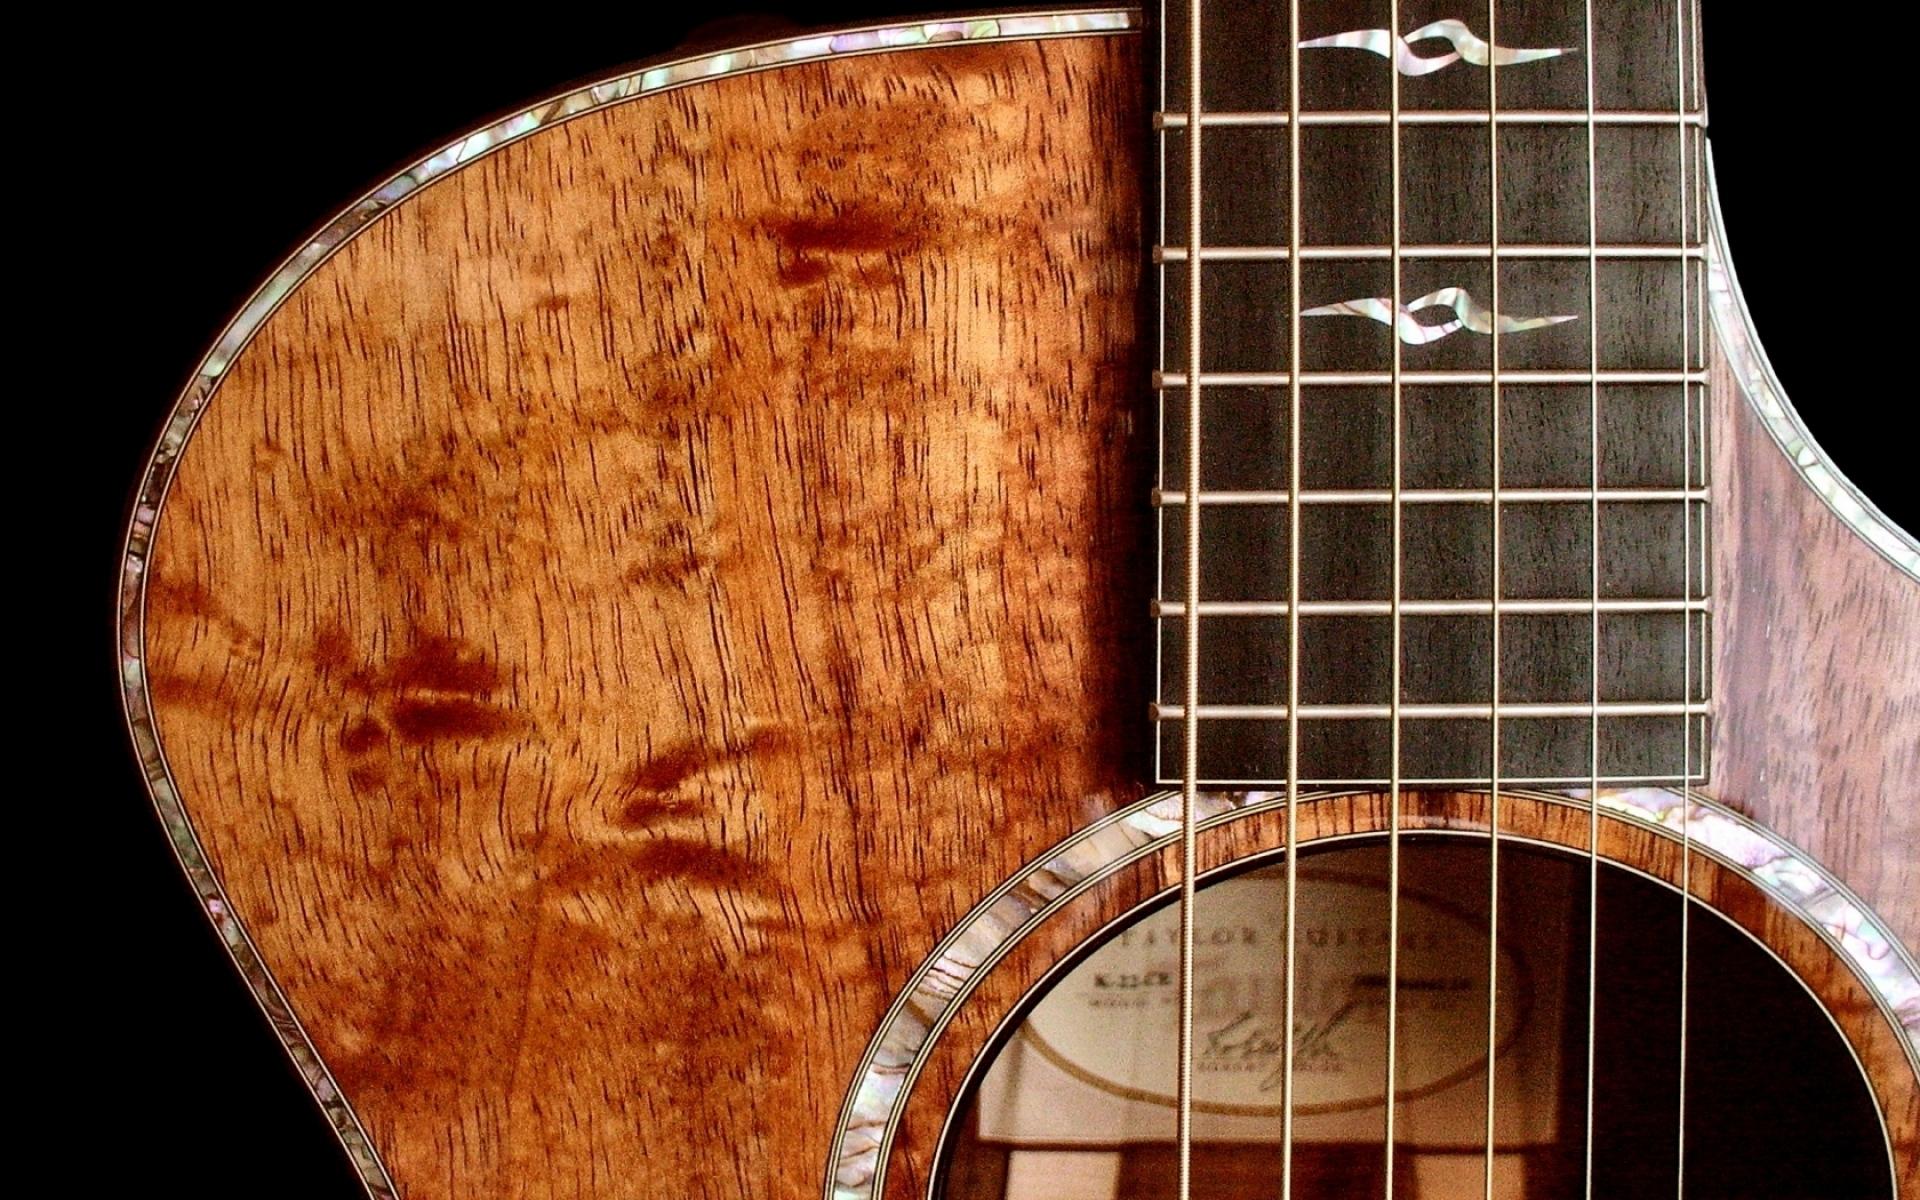 Картинки Гитара, дерево, струны, фон, свет фото и обои на рабочий стол